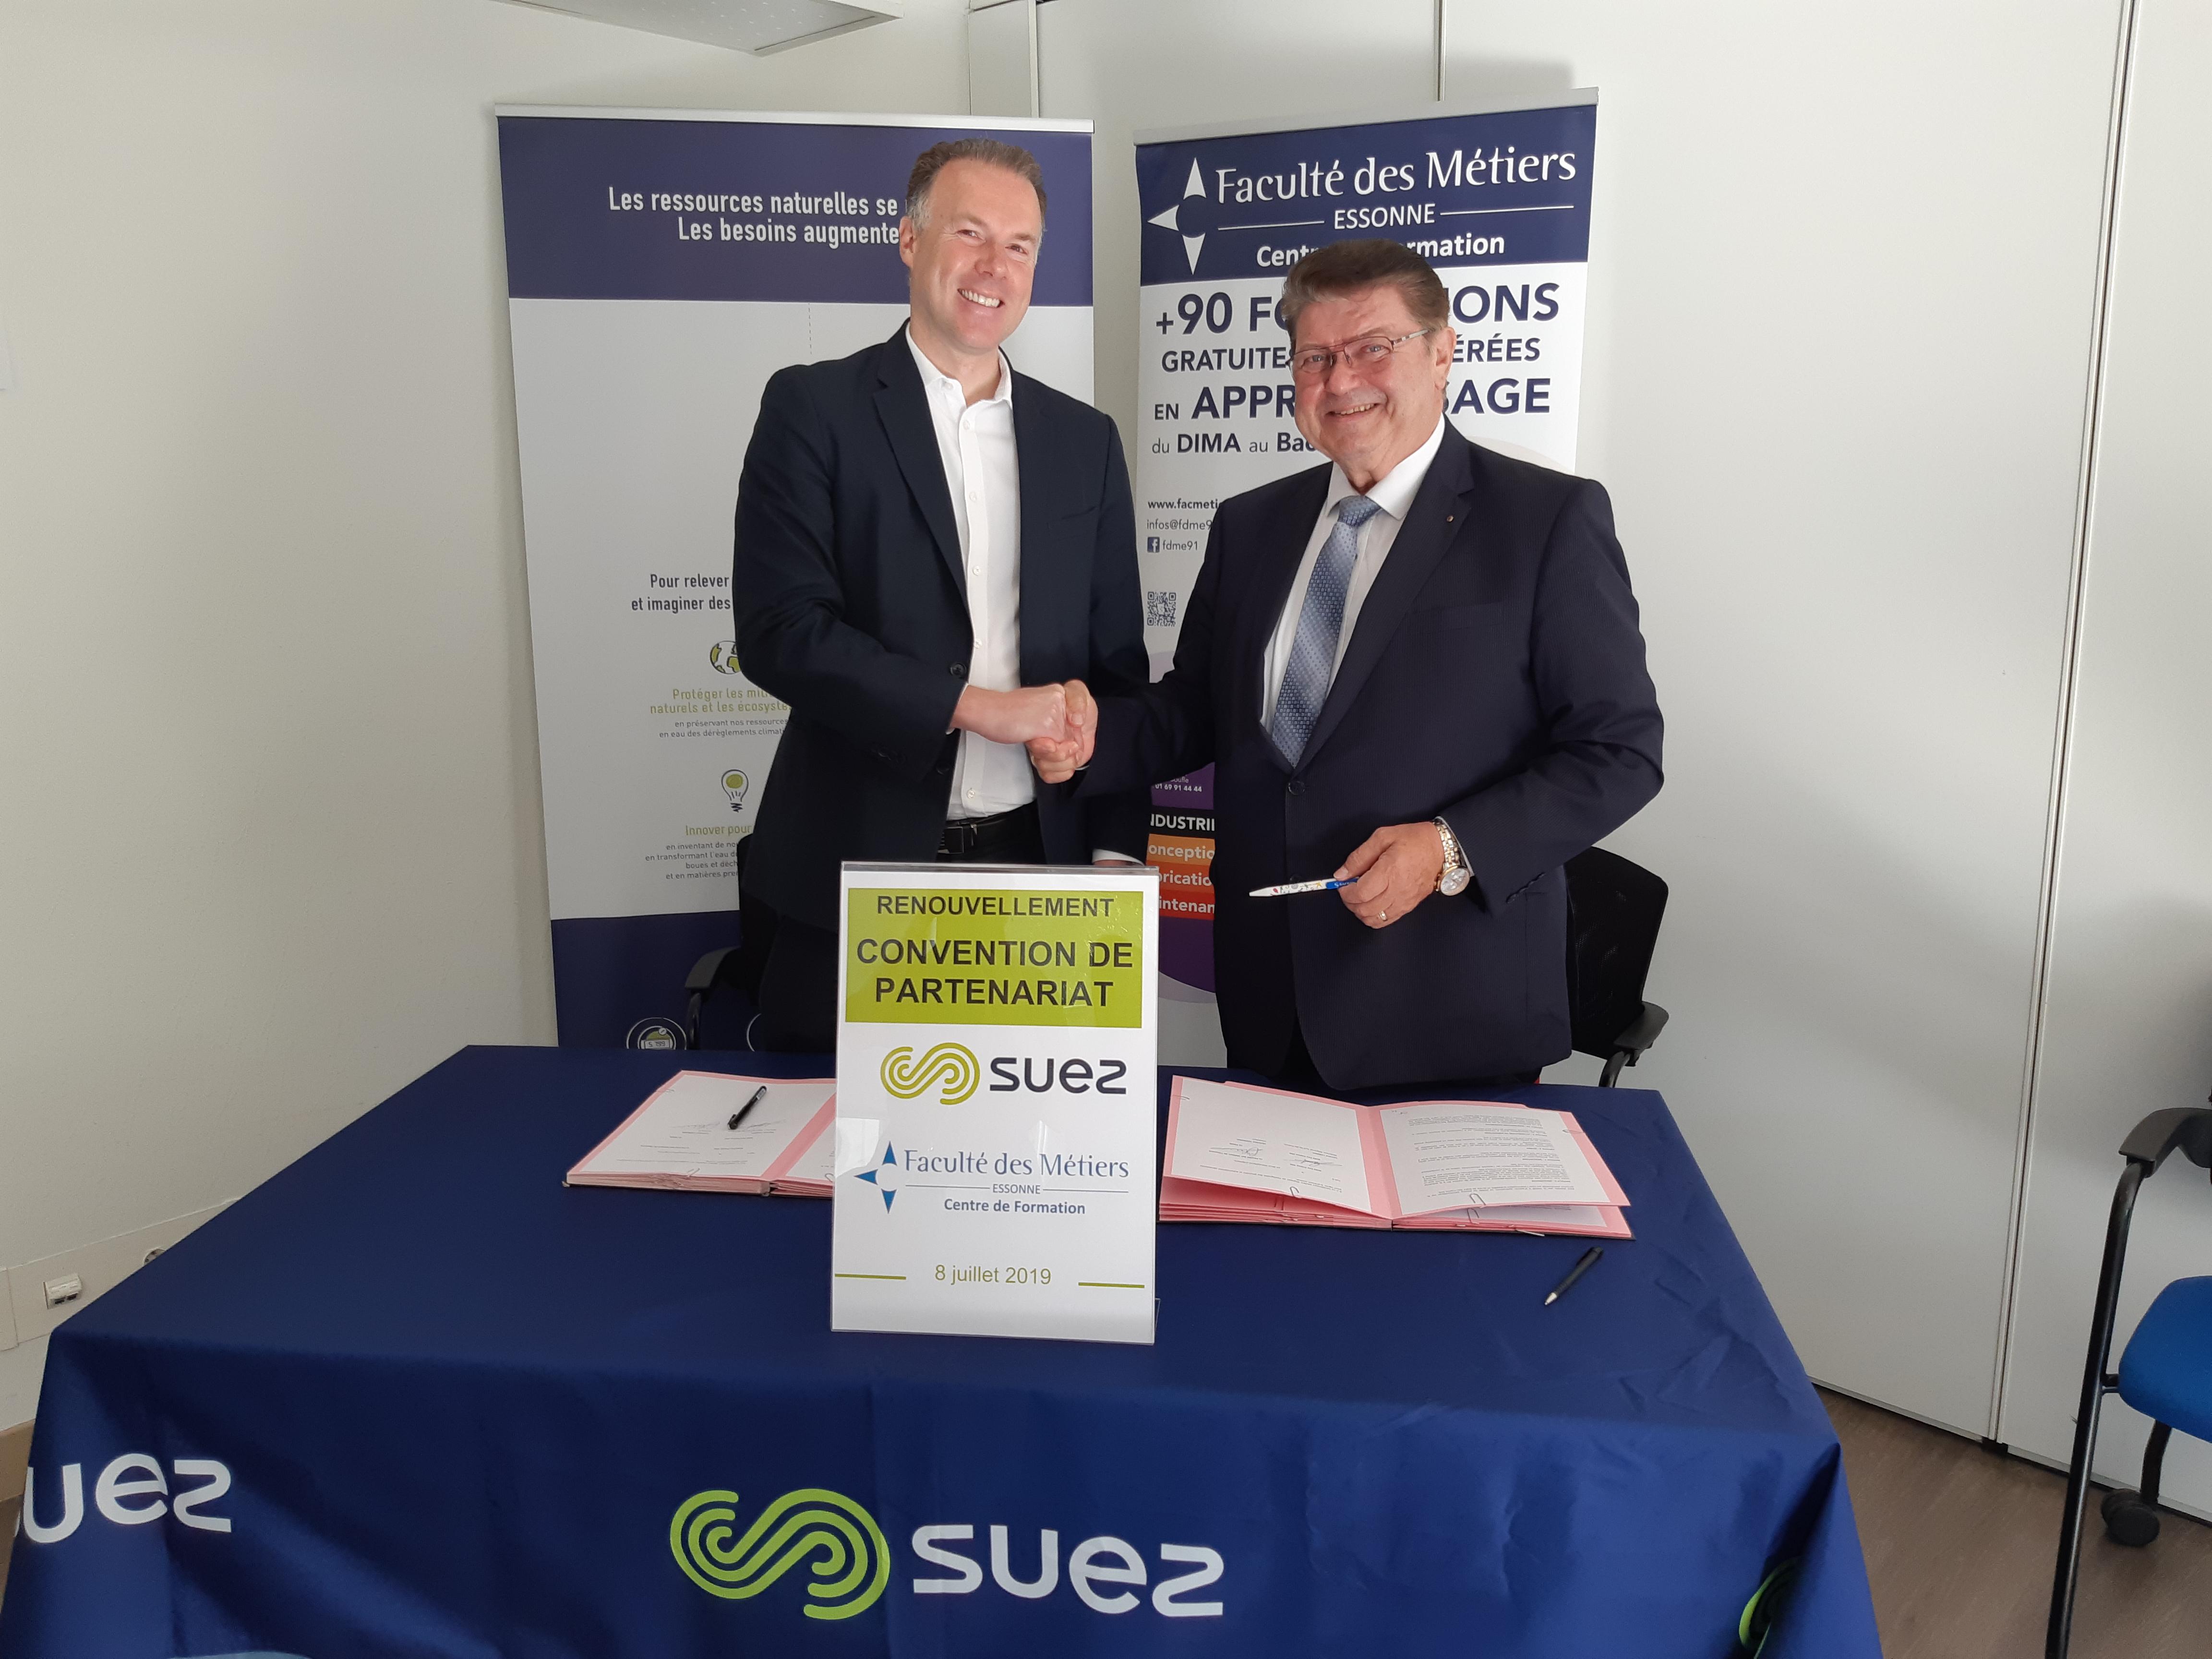 Renouvellement de convention de partenariat entre SUEZ et la FDME